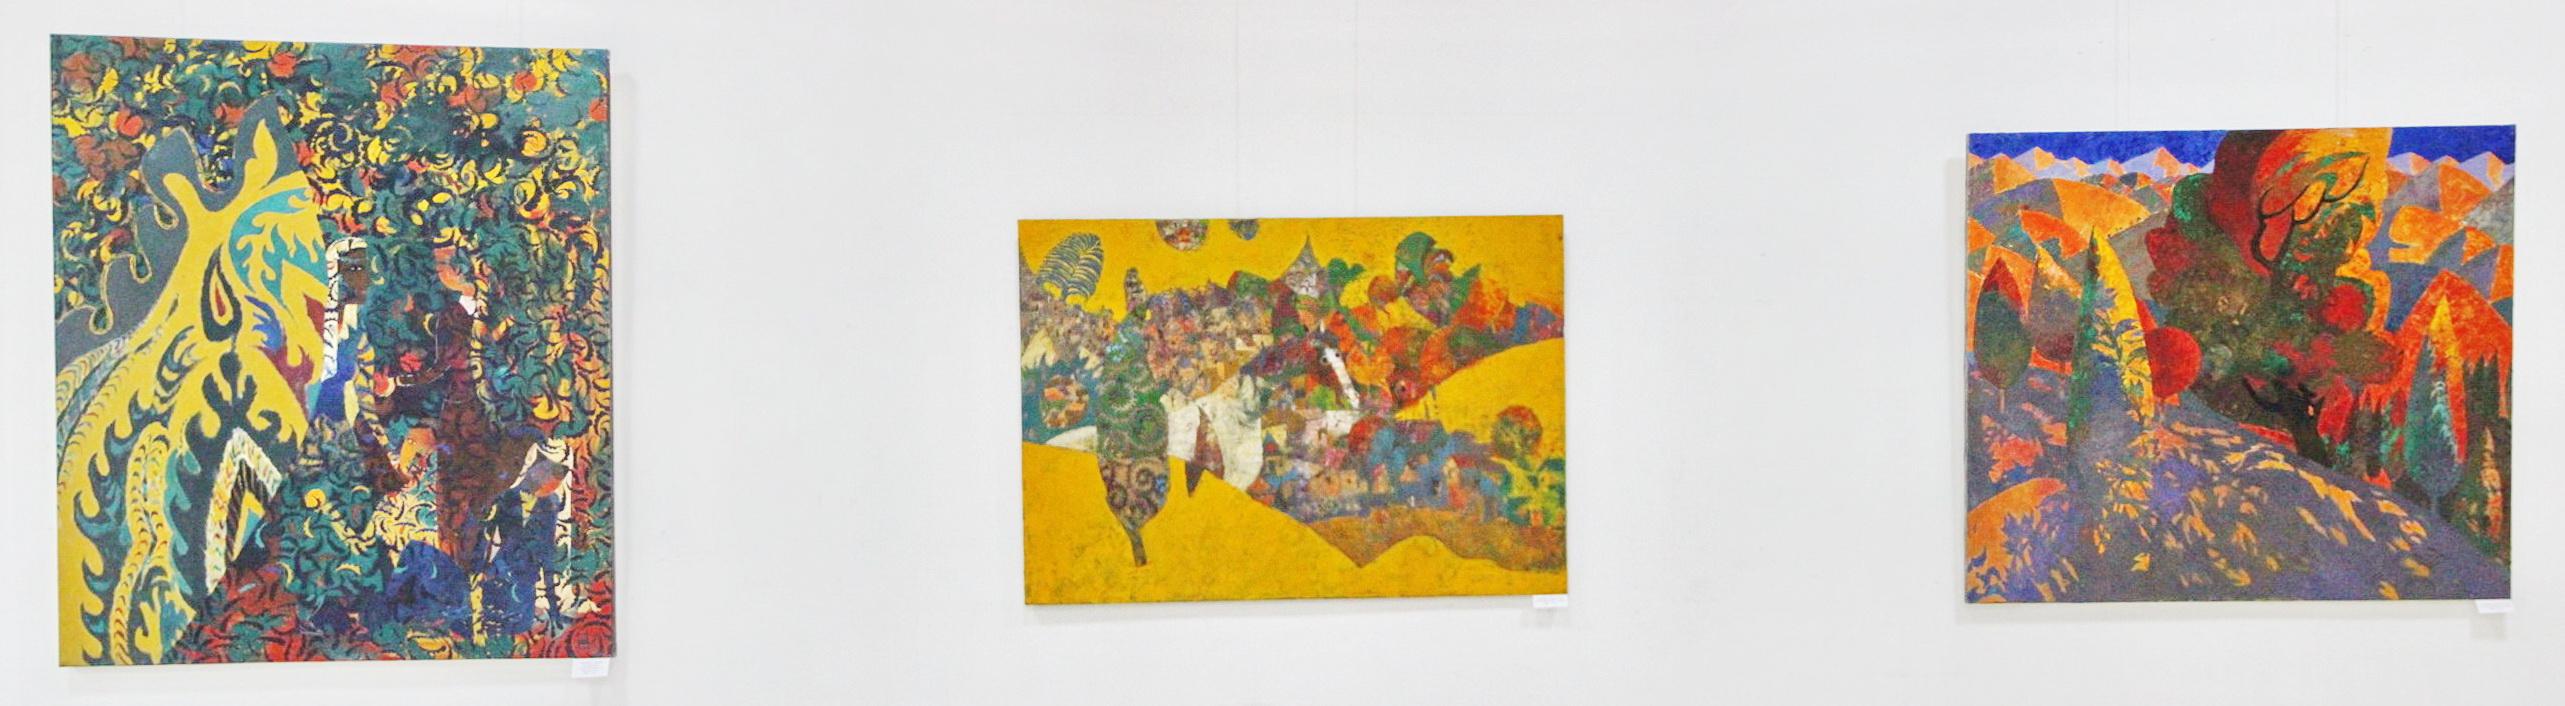 Ахмадалиев Фарух . Экспозиция картин. 2020